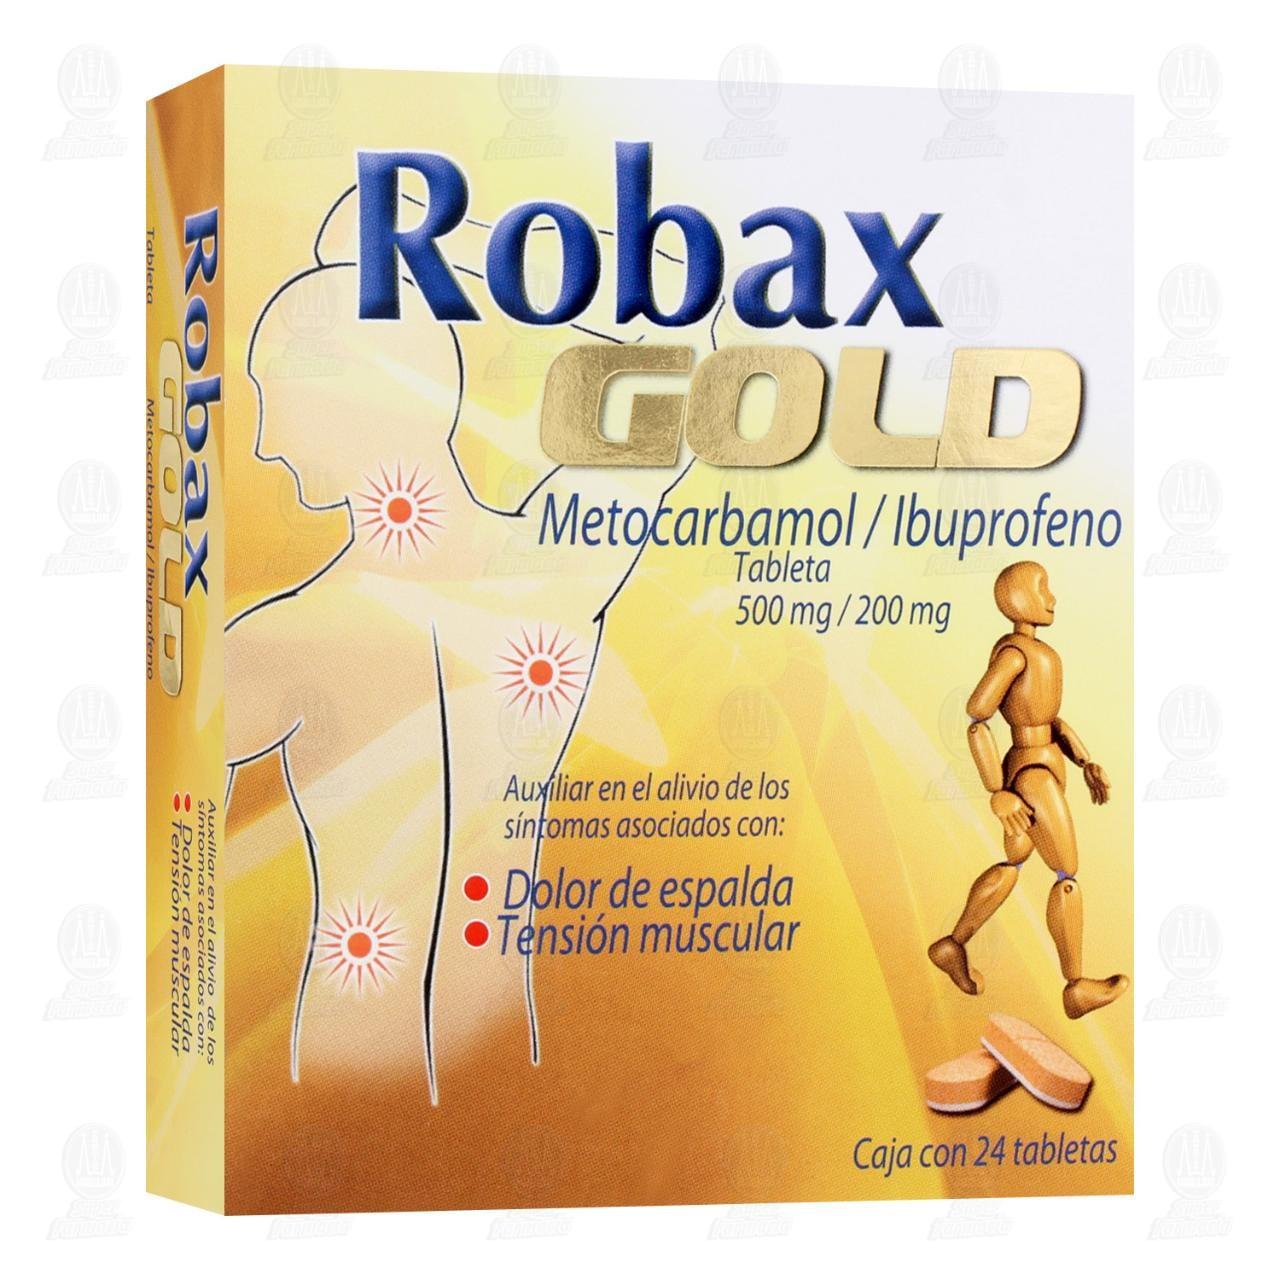 Comprar Robax Gold 500mg/200mg 24 Tabletas en Farmacias Guadalajara